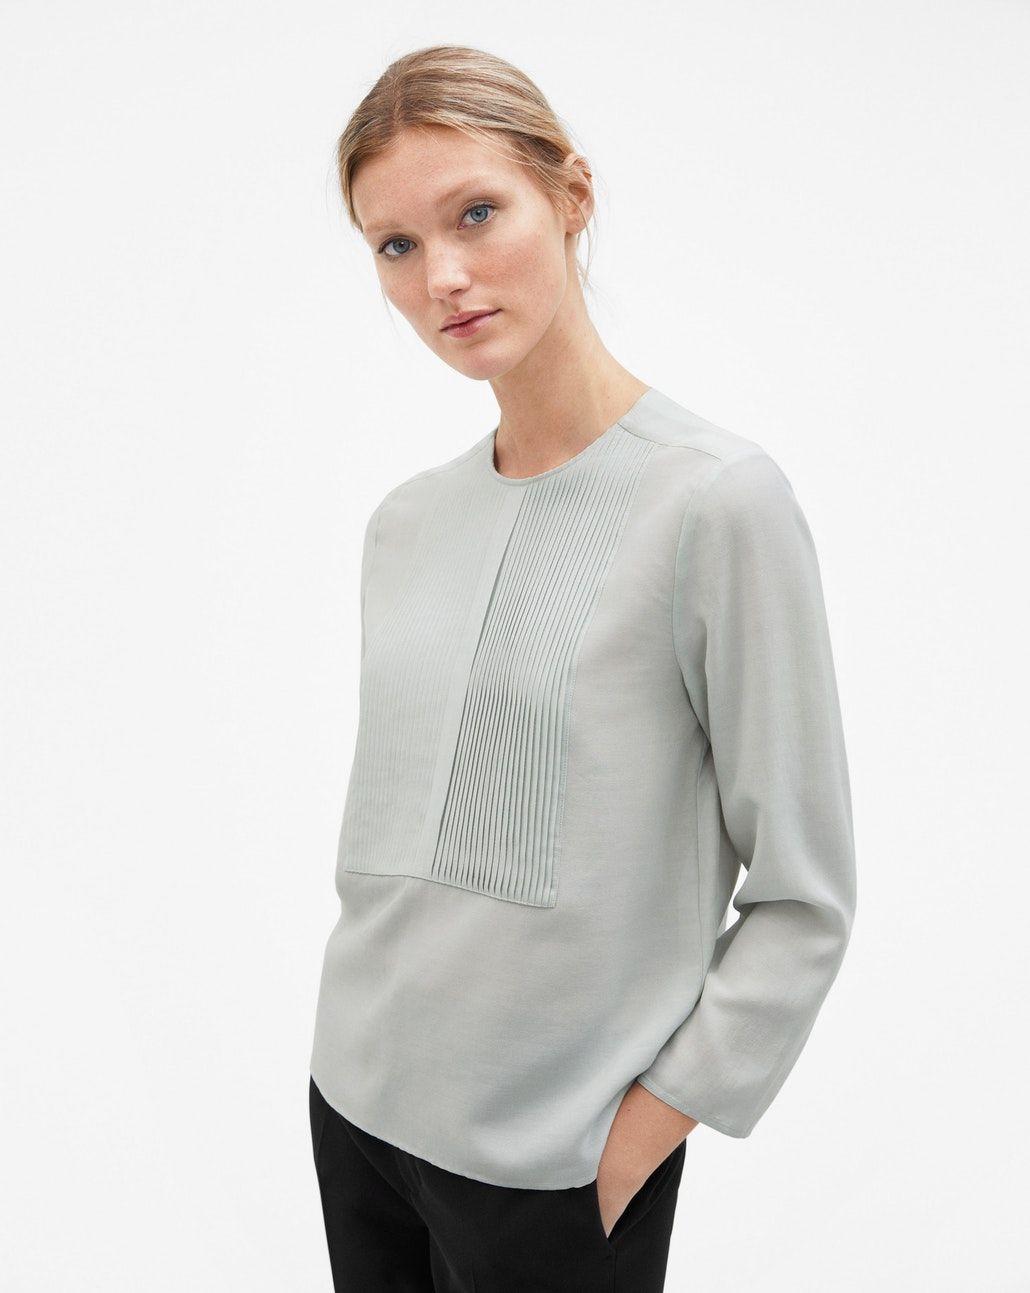 b800c0e83288 Pleat Blouse Aqua - Shirts & Blouses - Woman - Filippa K | Wardrobe ...